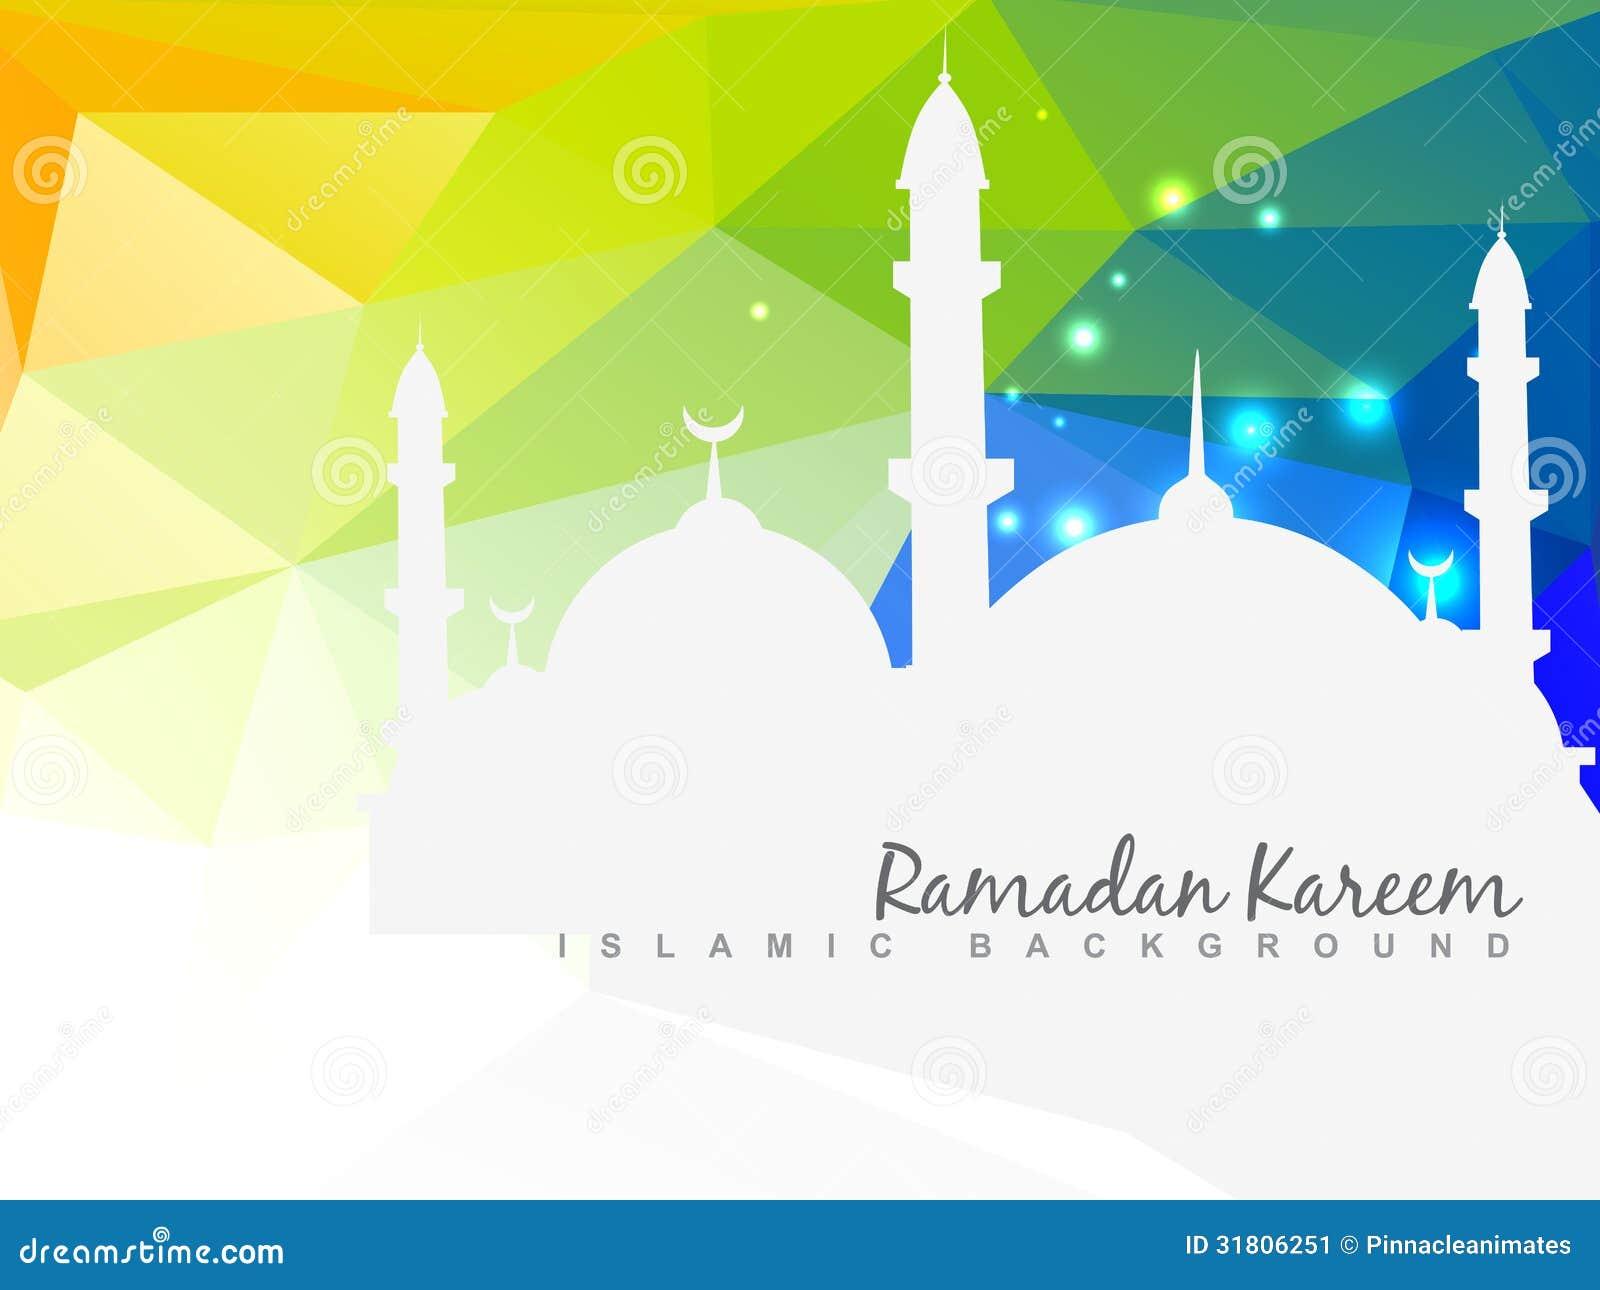 Beautiful Islamic Background Stock Image - Image: 31806251